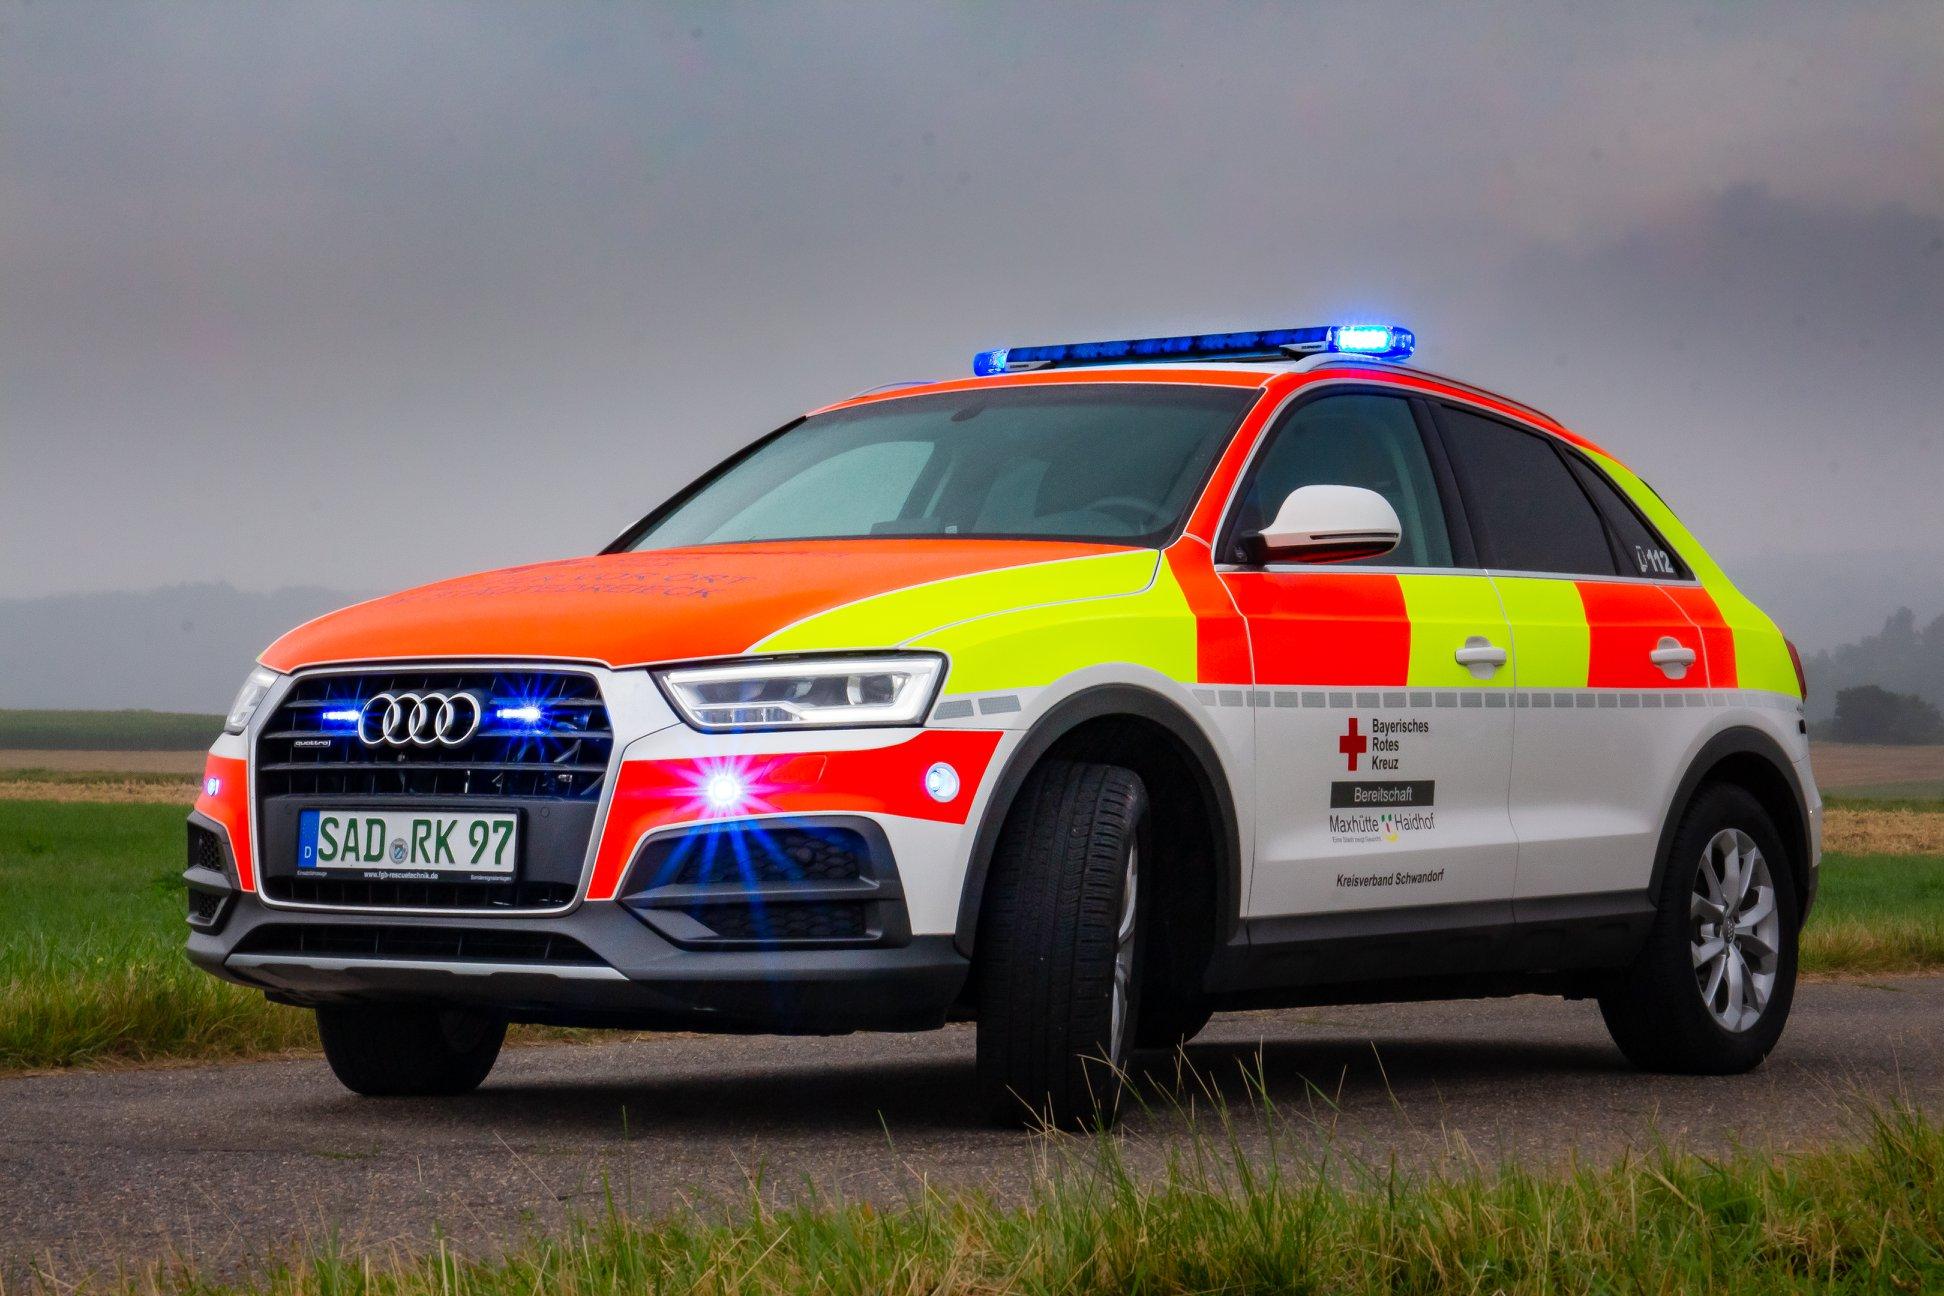 Audi Hvo-Maxhütte mit Standby Blaulicht